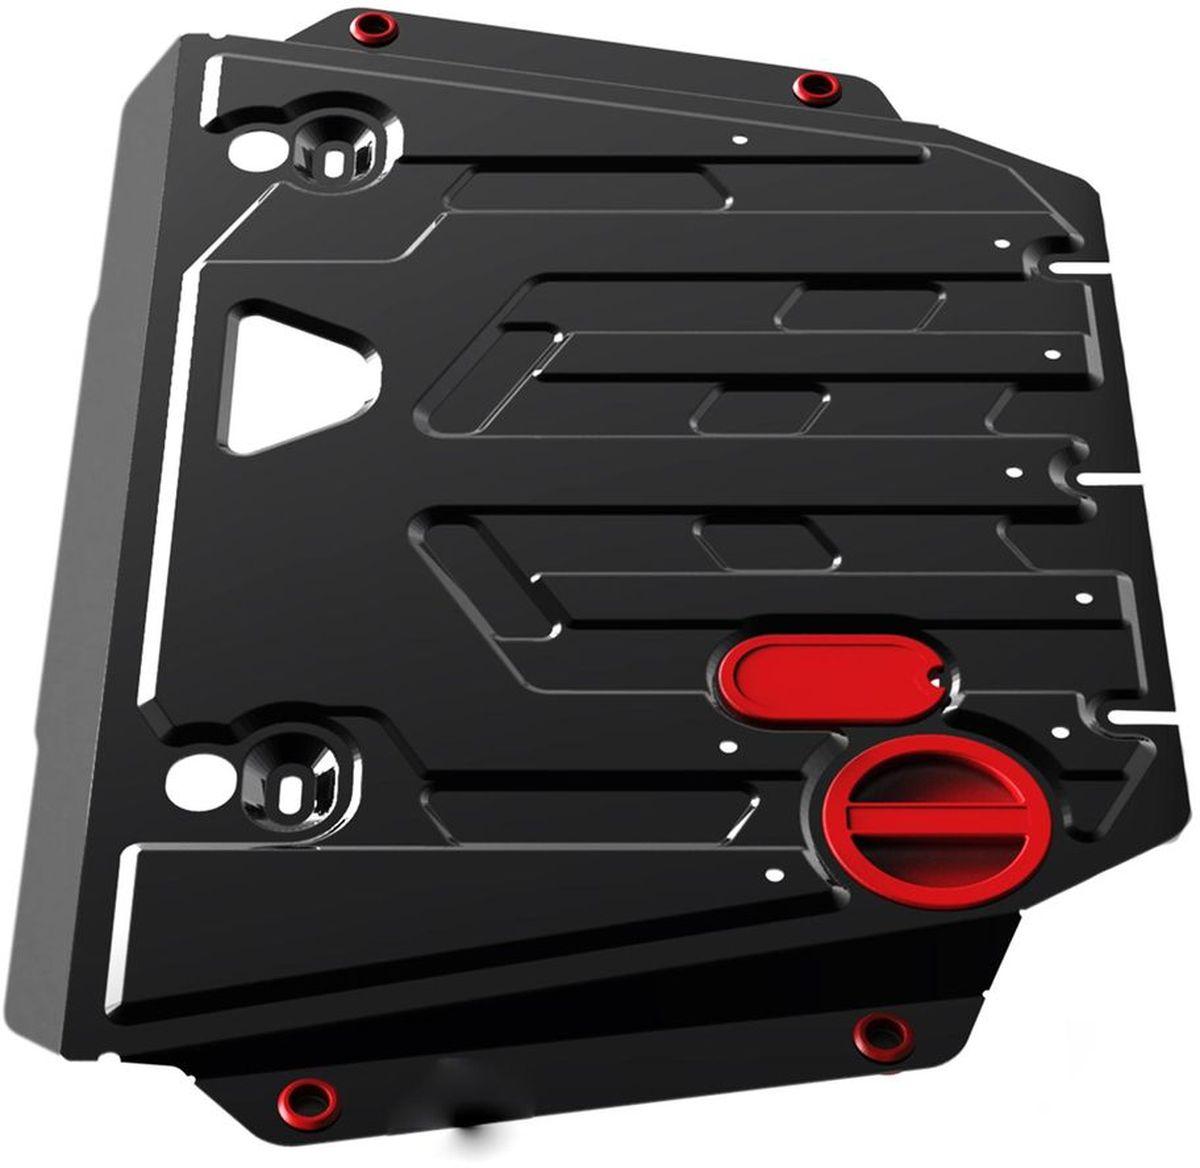 Защита картера и КПП Автоброня, для Lifan Solano V - 1,6 (2010-)1004900000360Технологически совершенный продукт за невысокую стоимость.Защита разработана с учетом особенностей днища автомобиля, что позволяет сохранить дорожный просвет с минимальным изменением.Защита устанавливается в штатные места кузова автомобиля. Глубокий штамп обеспечивает до двух раз больше жесткости в сравнении с обычной защитой той же толщины. Проштампованные ребра жесткости препятствуют деформации защиты при ударах.Тепловой зазор и вентиляционные отверстия обеспечивают сохранение температурного режима двигателя в норме. Скрытый крепеж предотвращает срыв крепежных элементов при наезде на препятствие.Шумопоглощающие резиновые элементы обеспечивают комфортную езду без вибраций и скрежета металла, а съемные лючки для слива масла и замены фильтра - экономию средств и время.Конструкция изделия не влияет на пассивную безопасность автомобиля (при ударе защита не воздействует на деформационные зоны кузова). Со штатным крепежом. В комплекте инструкция по установке.Толщина стали: 2 мм.Уважаемые клиенты!Обращаем ваше внимание, что элемент защиты имеет форму, соответствующую модели данного автомобиля. Фото служит для визуального восприятия товара и может отличаться от фактического.